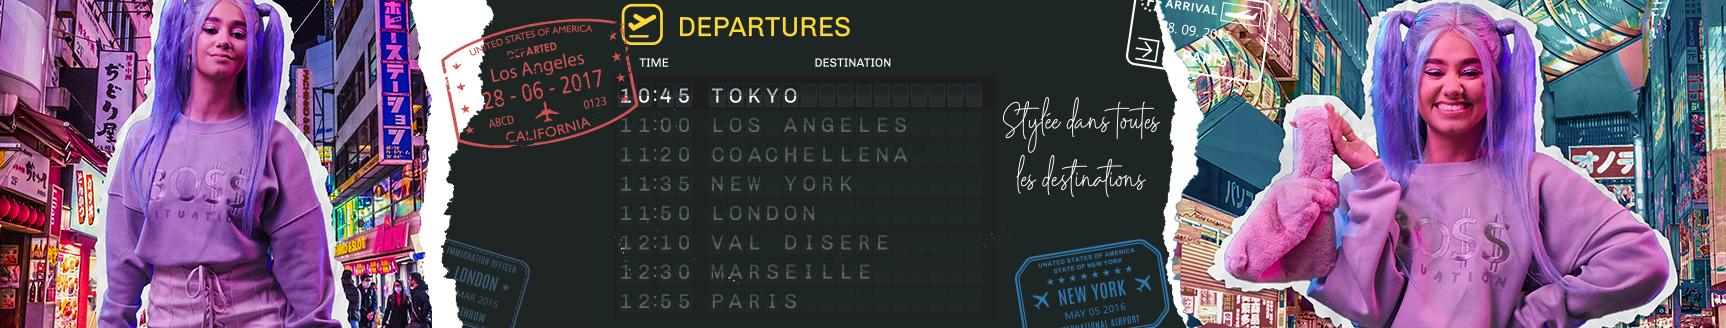 DestinationTokyo